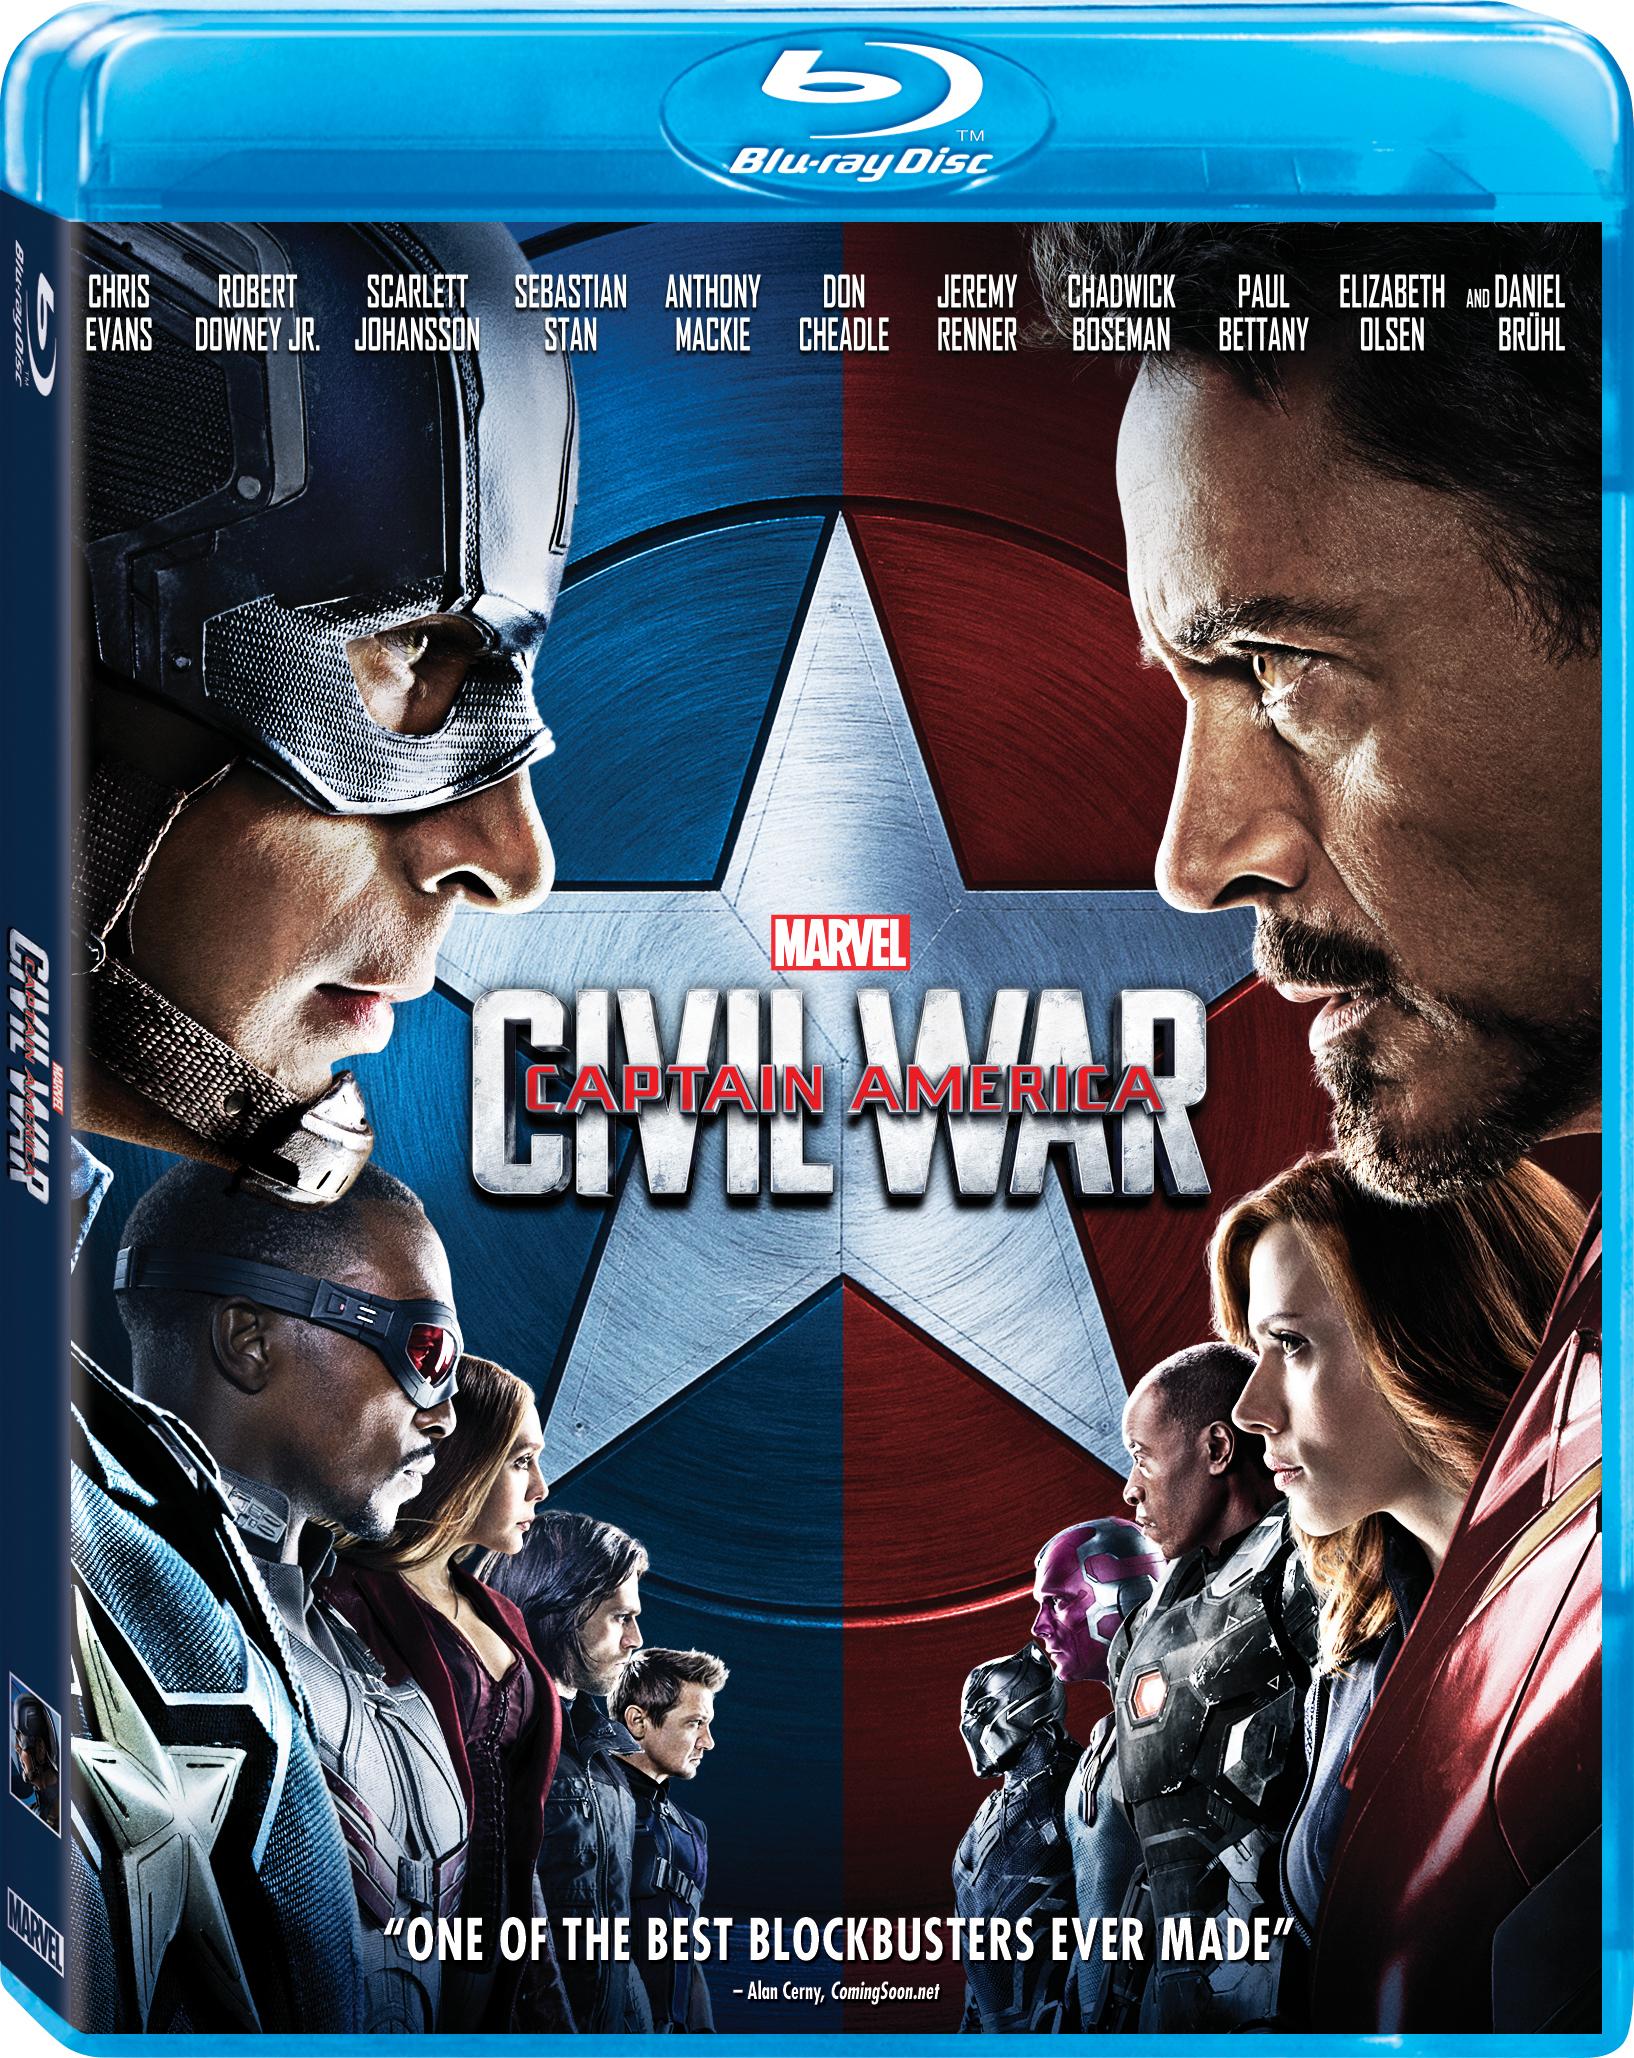 Captain America: Civil War (2016) poster image